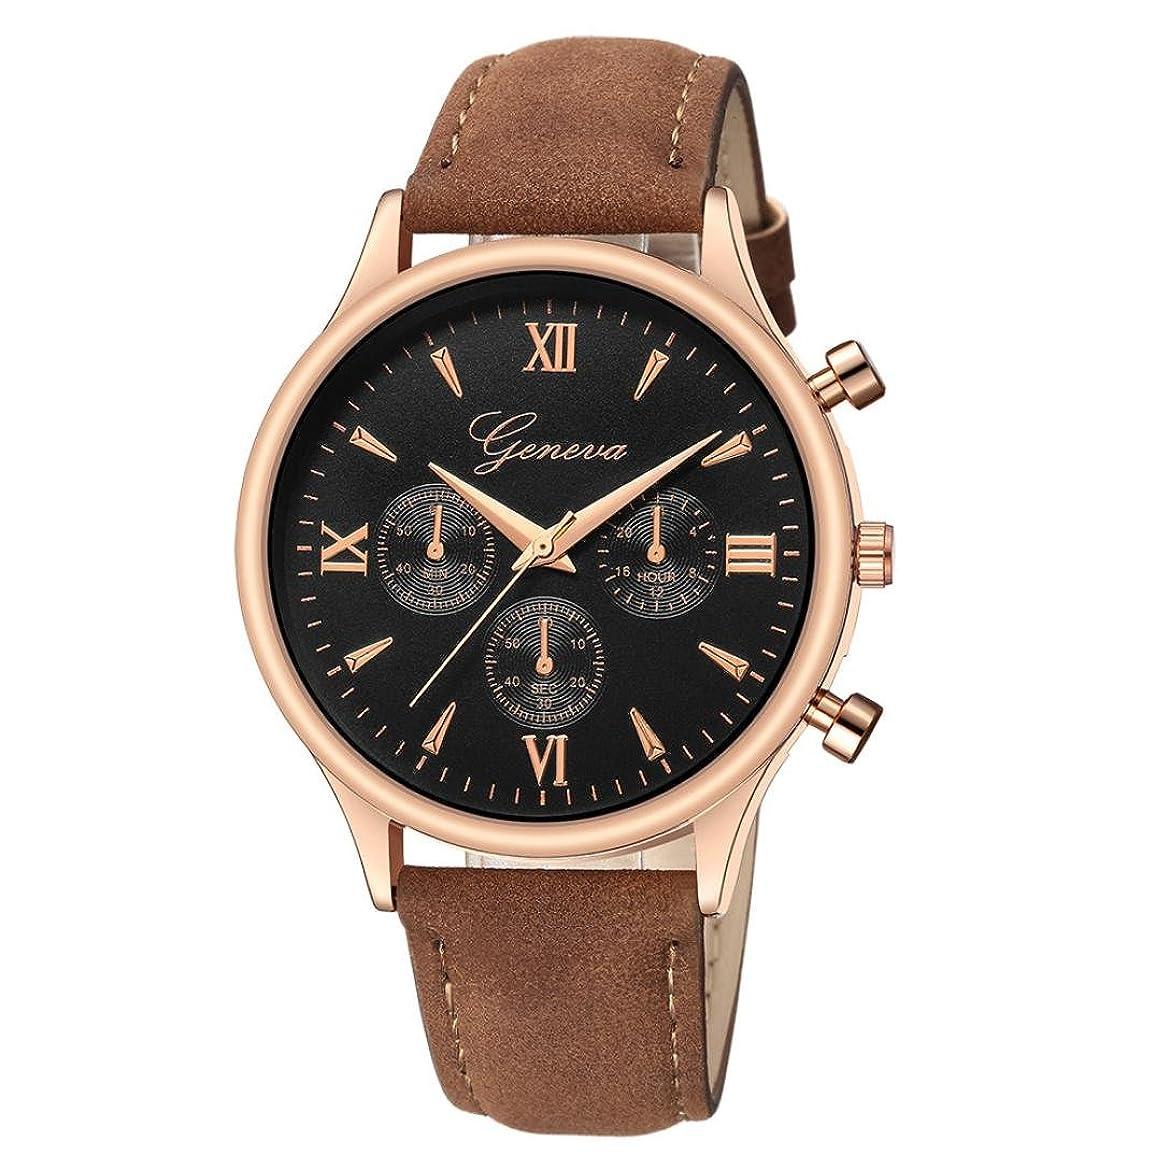 がっかりした責め犠牲paymenow Clearanceメンズ腕時計、メンズ2018ファッションクロノグラフウォッチレザーバンドアナログクォーツ腕時計